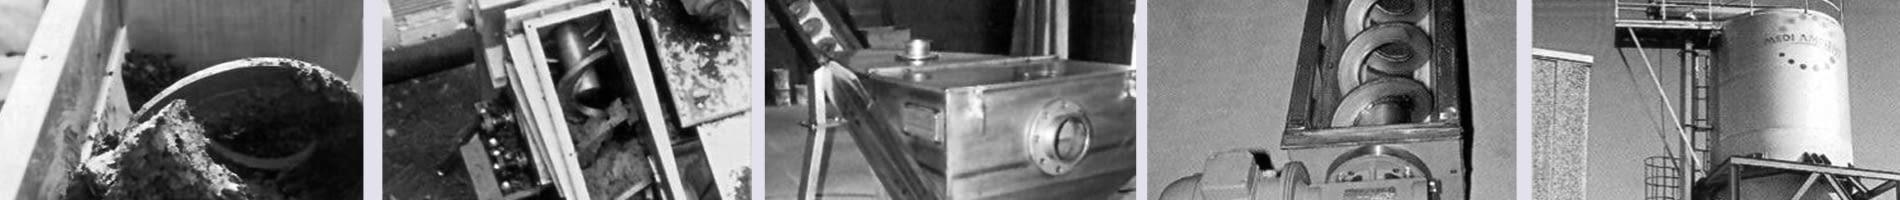 Banner-Transportador para lodo